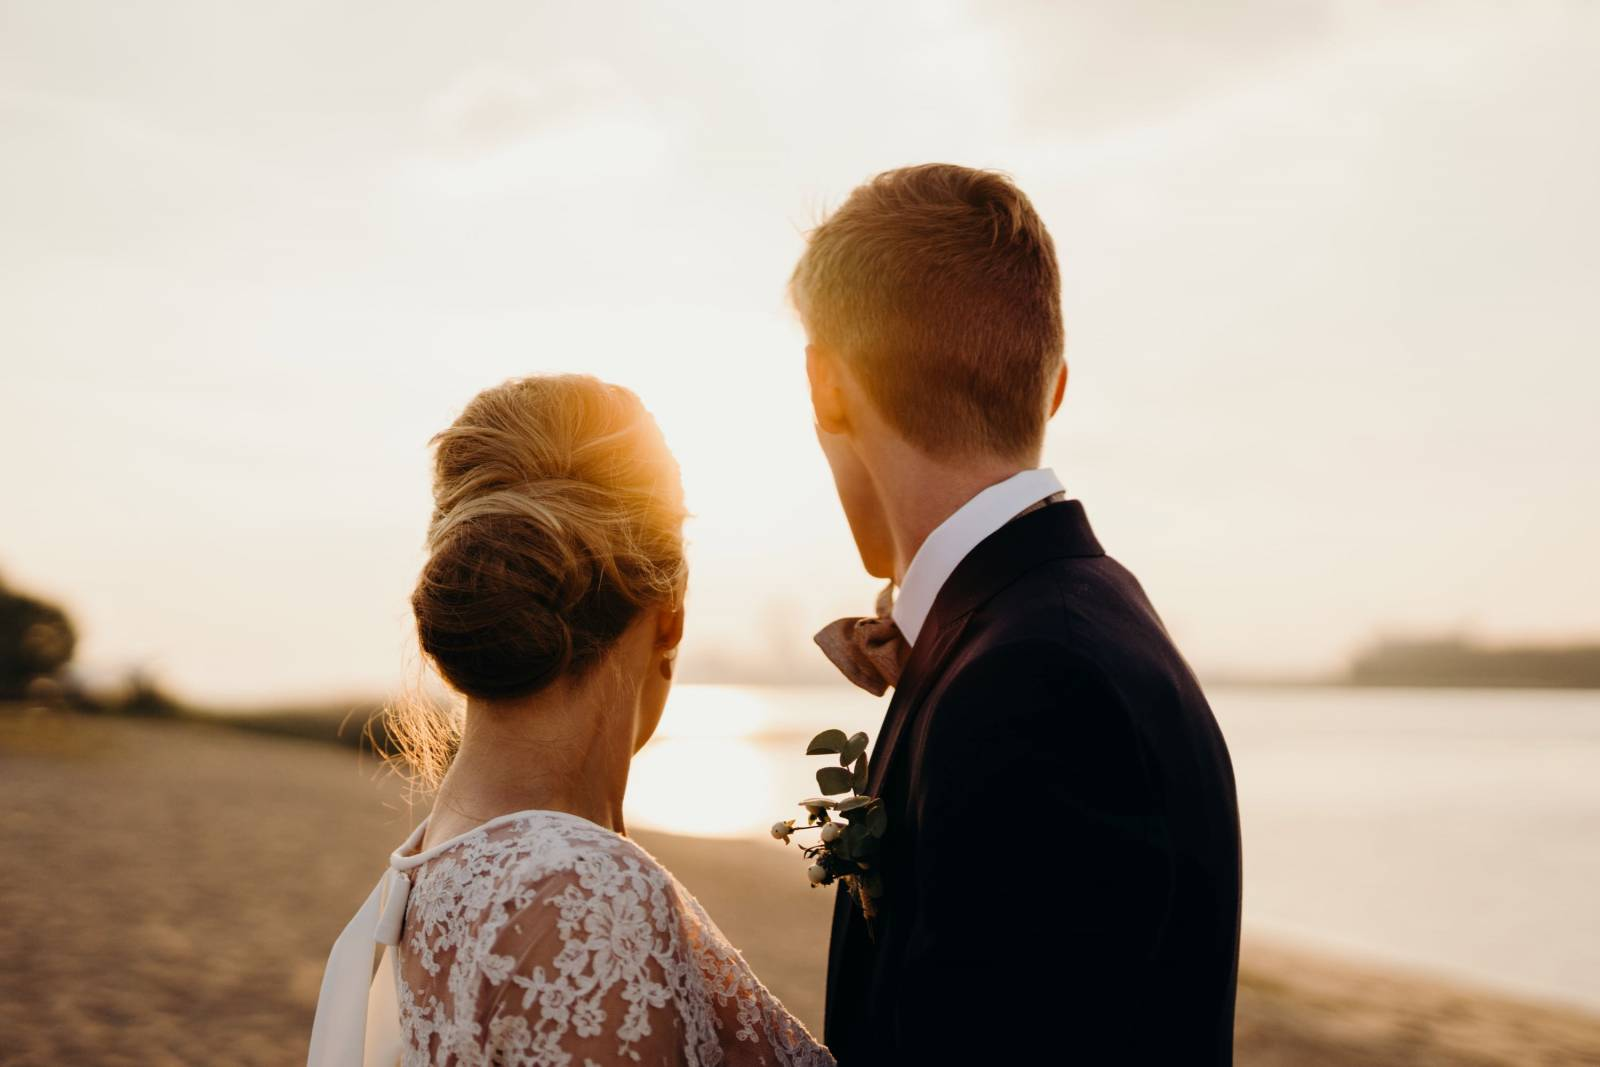 Frankie and Fish - Trouwfotograaf - Huwelijksfotograaf - Bruidsfotograaf - House of Weddings - 24